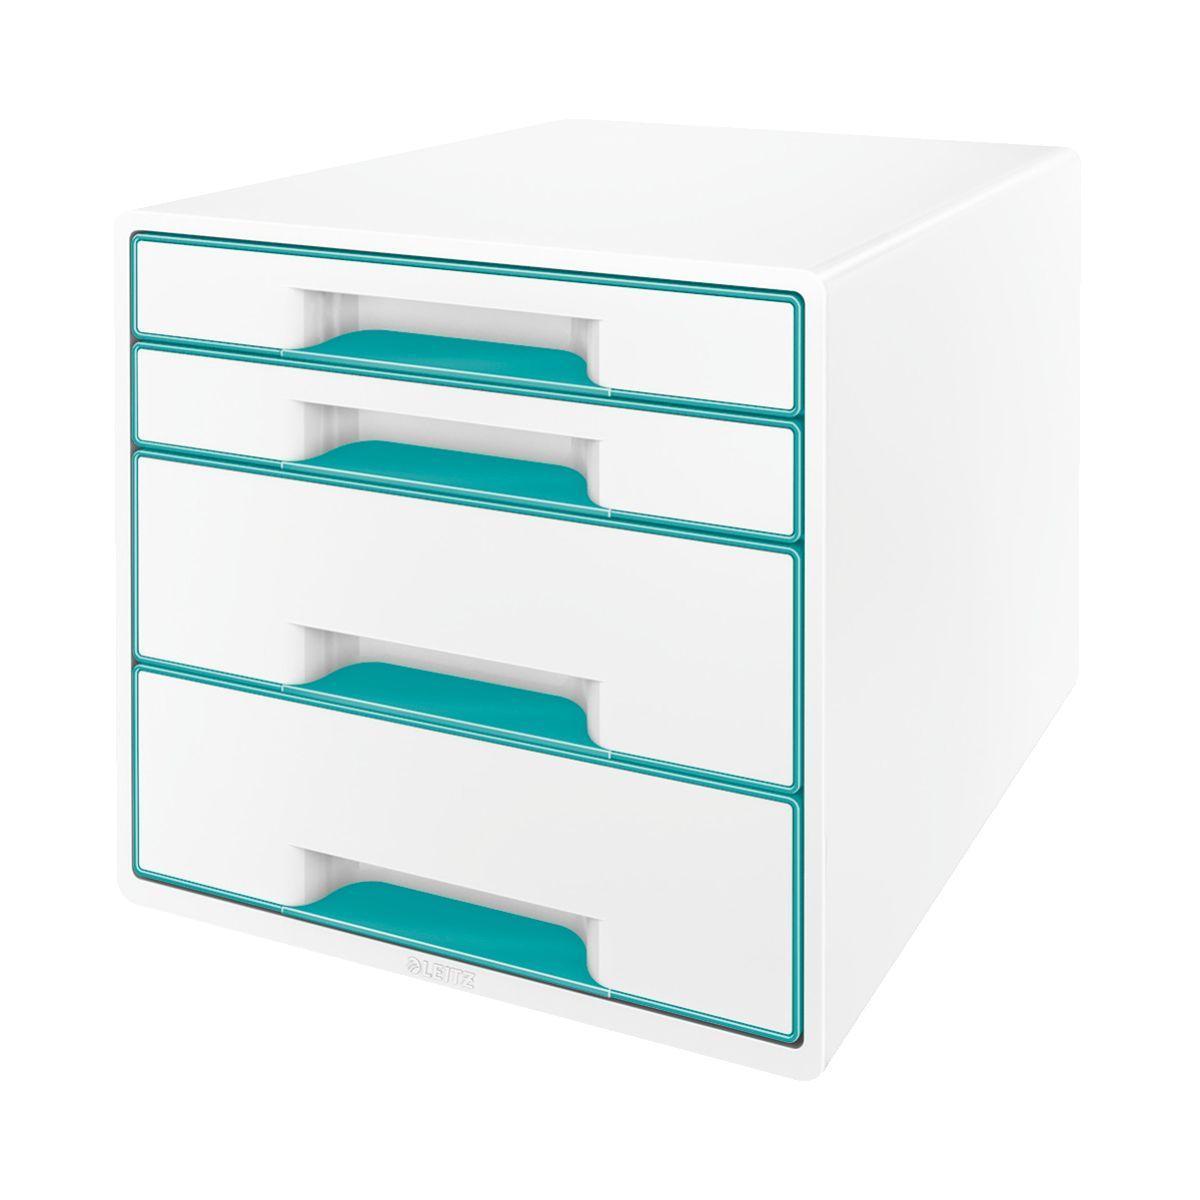 Bloc tiroir leitz bloc de classement tiroirs wow menthe - 5% de remise imm�diate avec le code : automne5 (photo)